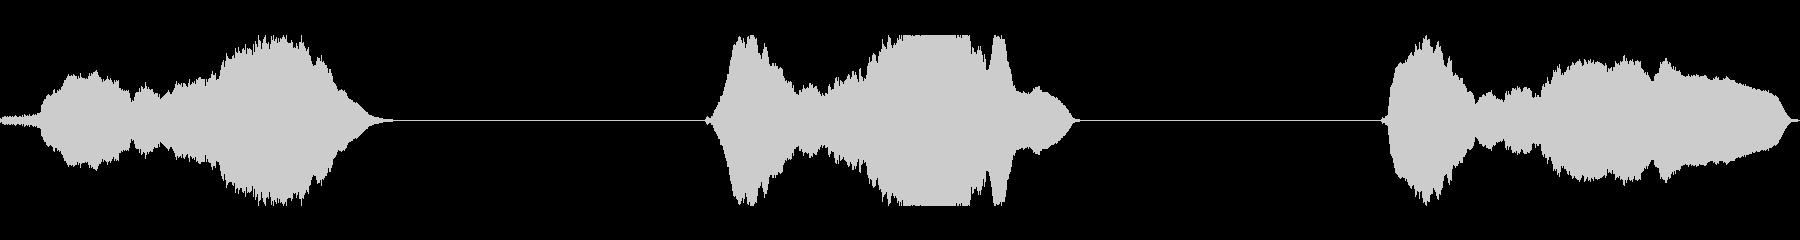 トーンホイッスルエアリーフォールwavの未再生の波形